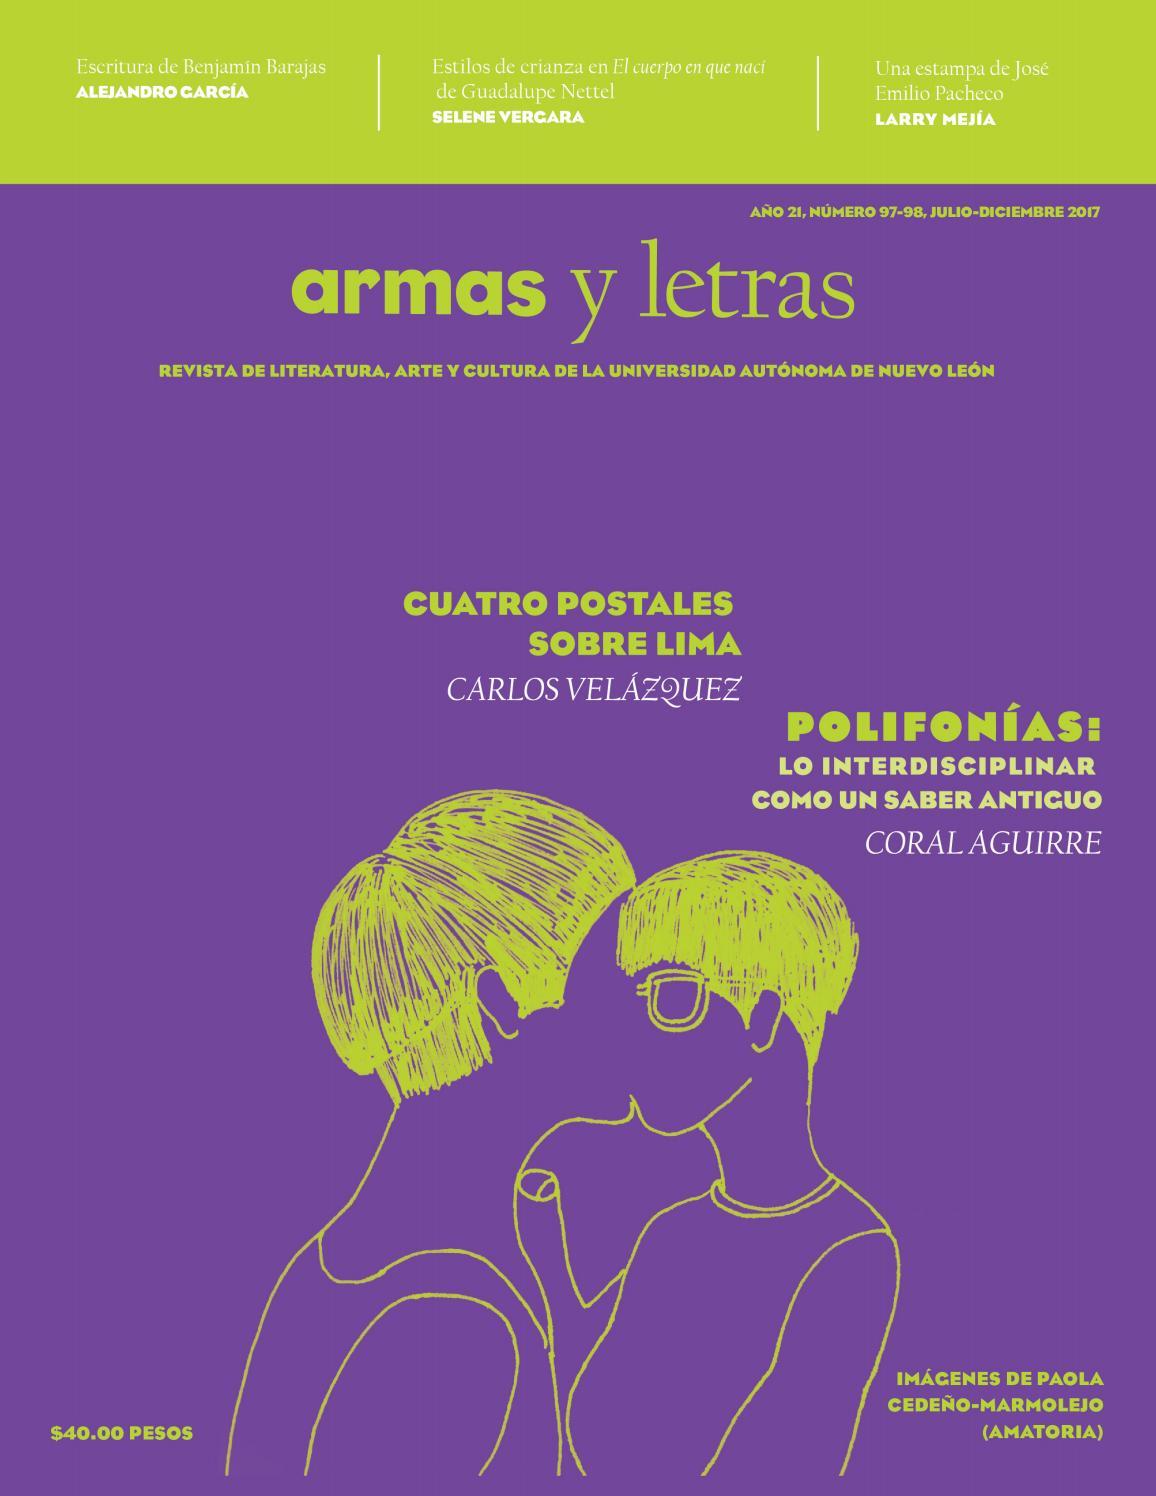 ba1c5f21ed64 Armas y Letras 97-98 by Revista Armas y Letras - issuu